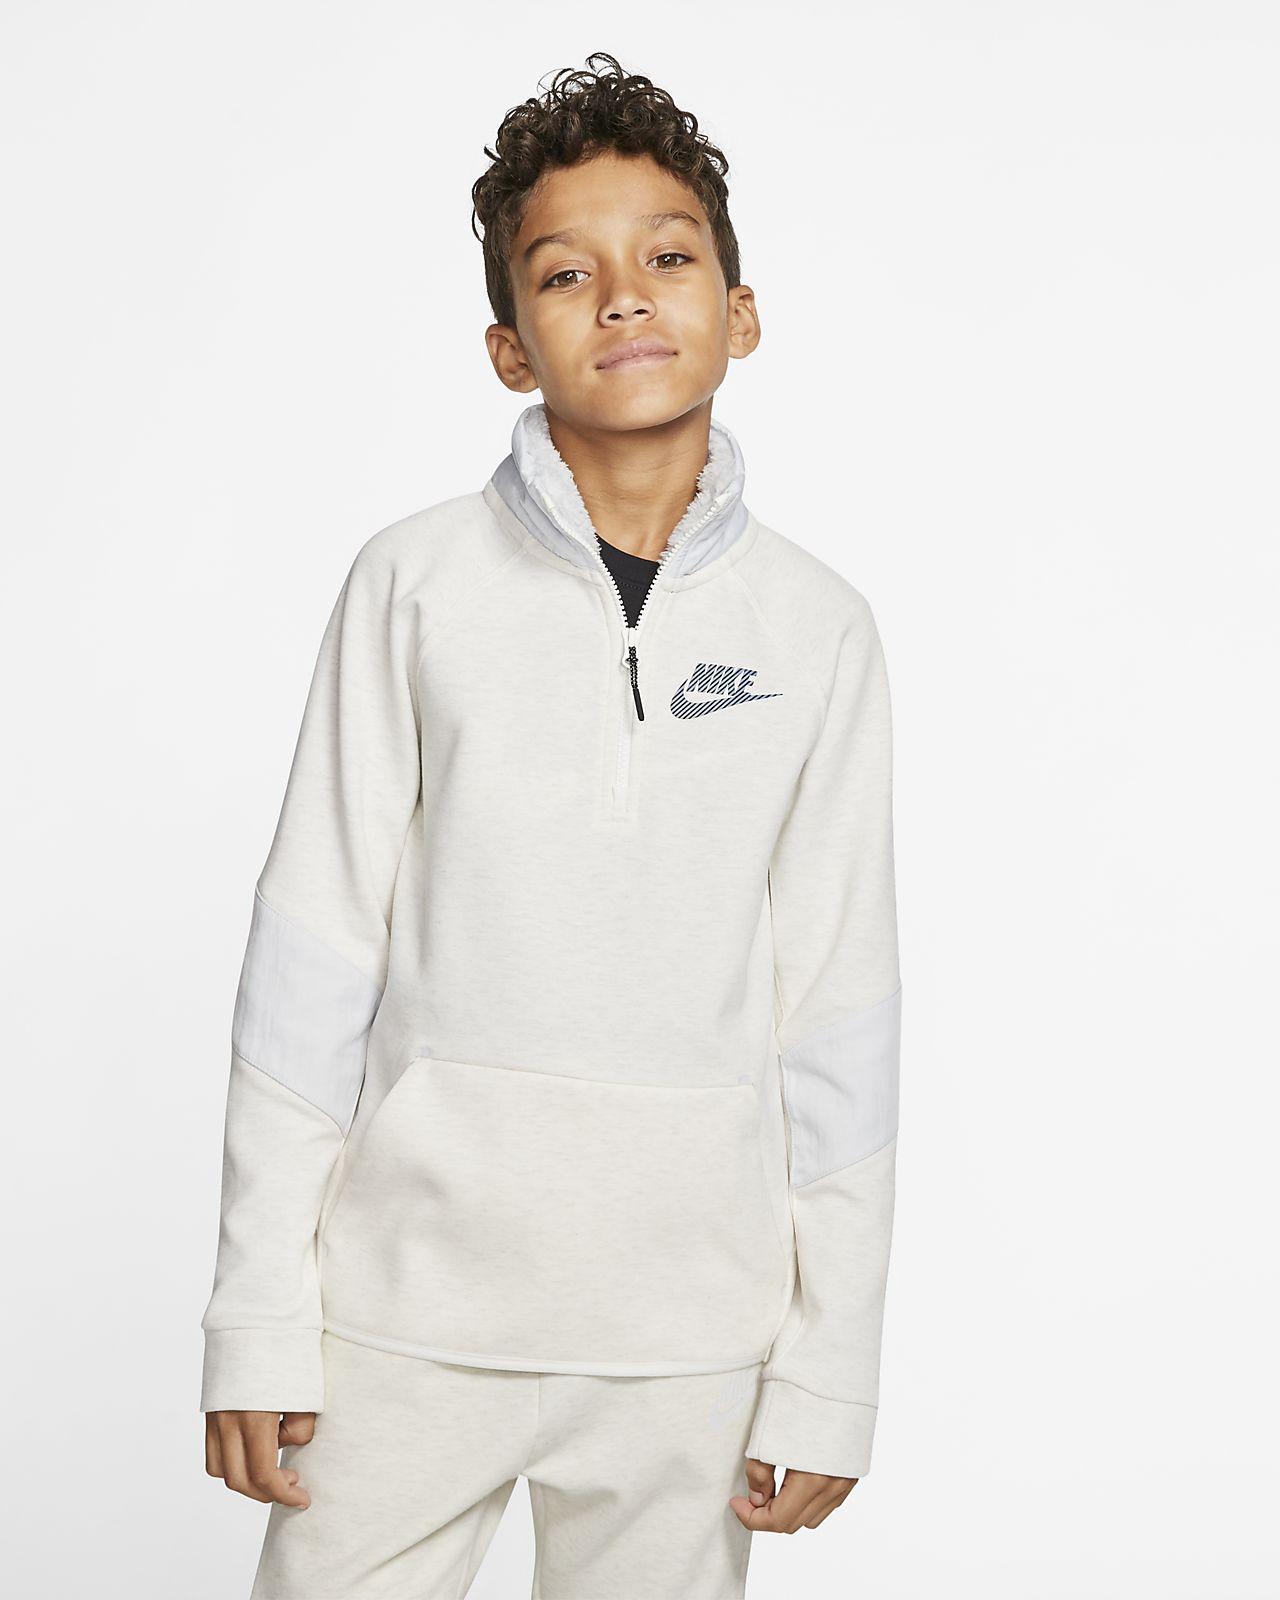 Nike Sportswear Winterized Tech Fleece Uzun Kollu Genç Çocuk Üstü